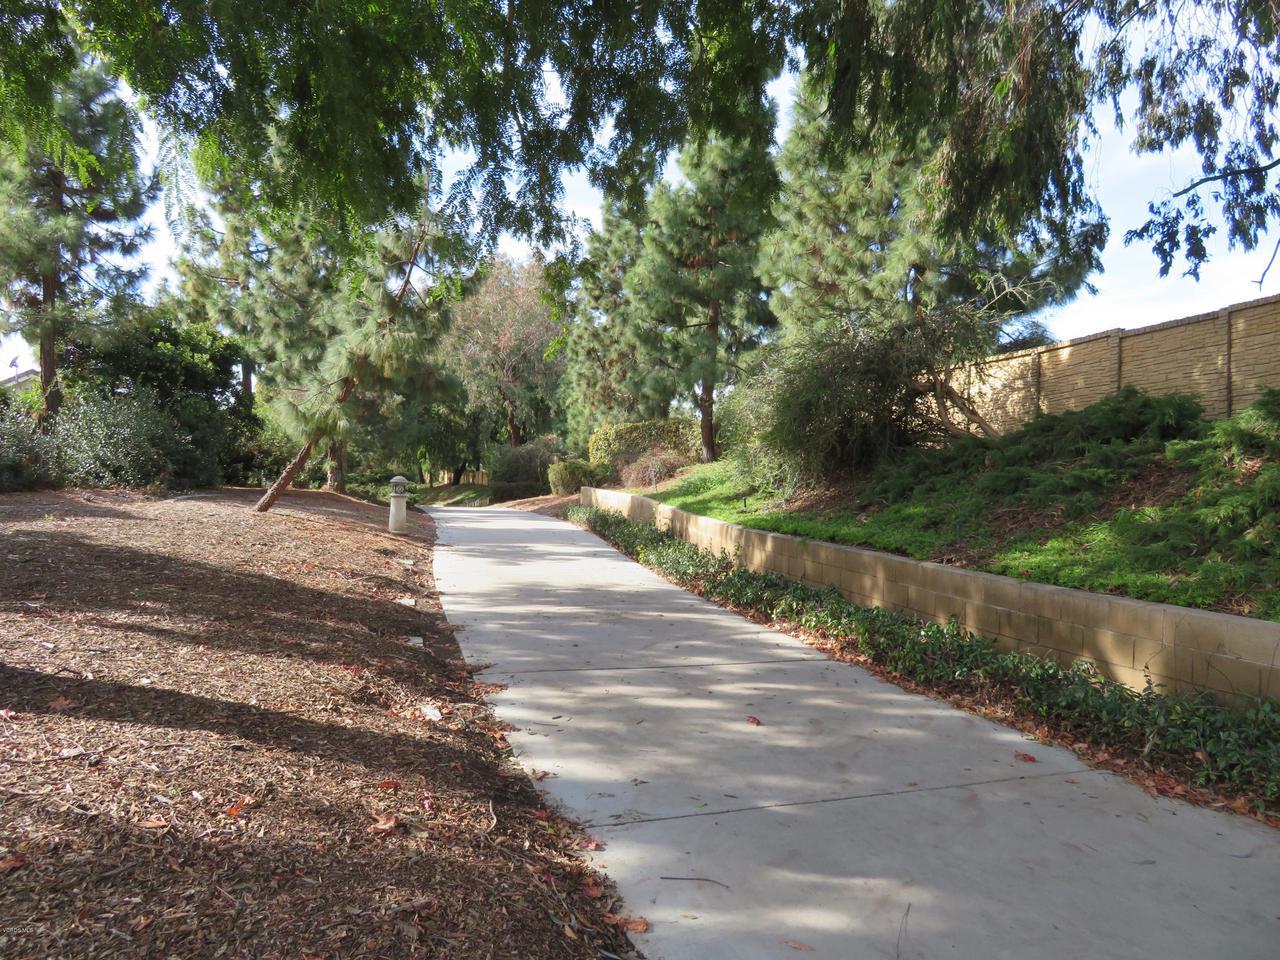 610 SARATOGA, Ventura, CA 93003 - IMG_6798